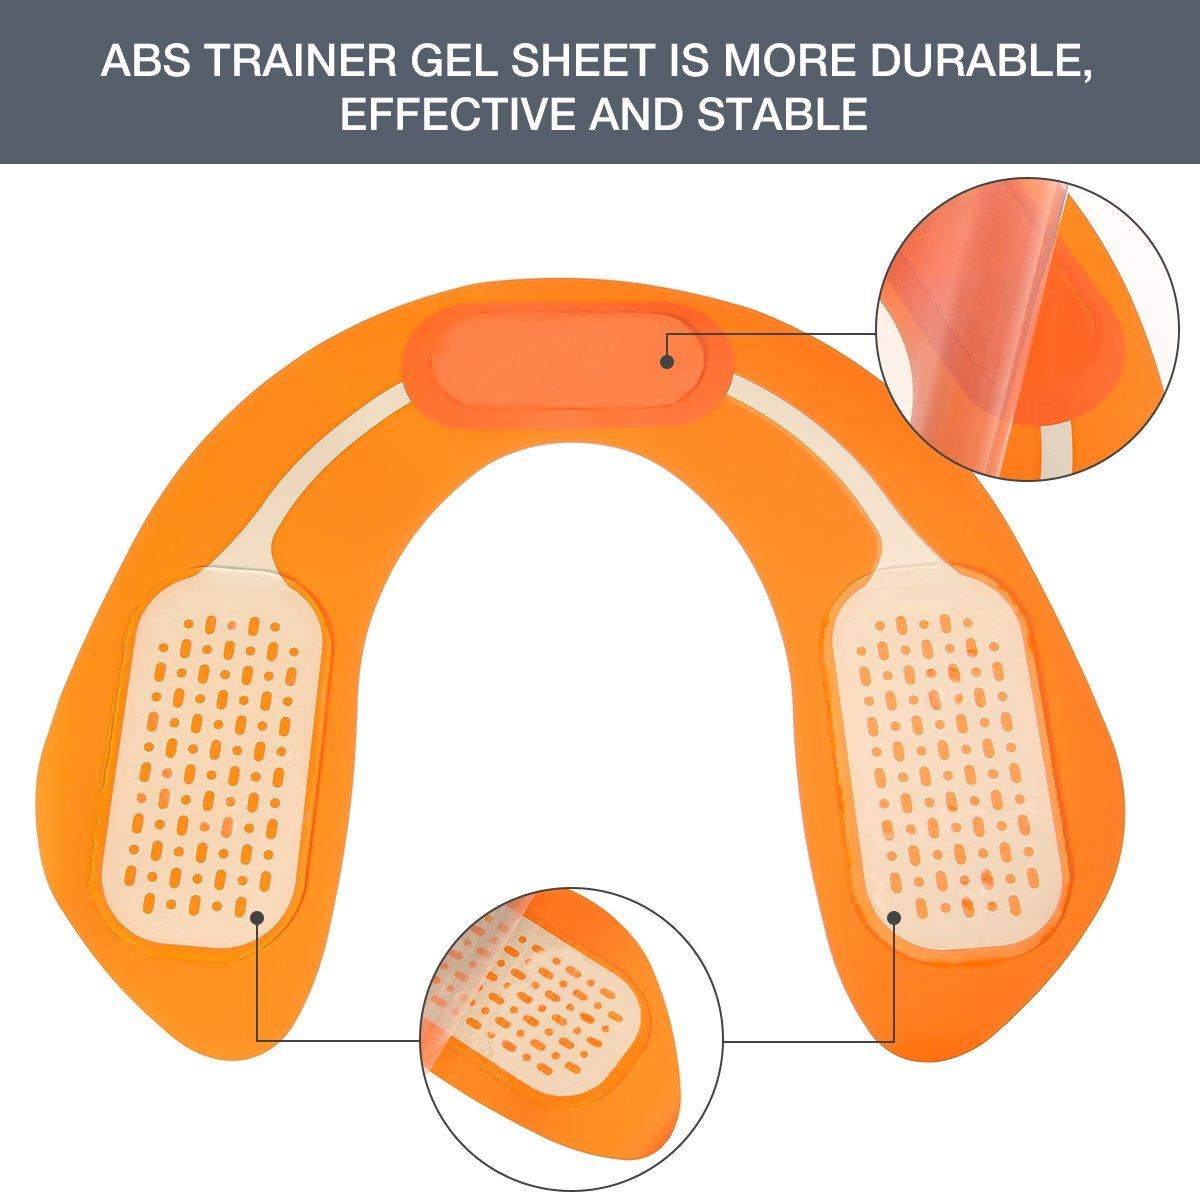 Hips Electrostimulateur Intelligent Portable Massage pour Aider /à Fa/çonner Le Muscle et /à Sculpter Les Courbes EMS Massage Musculaire